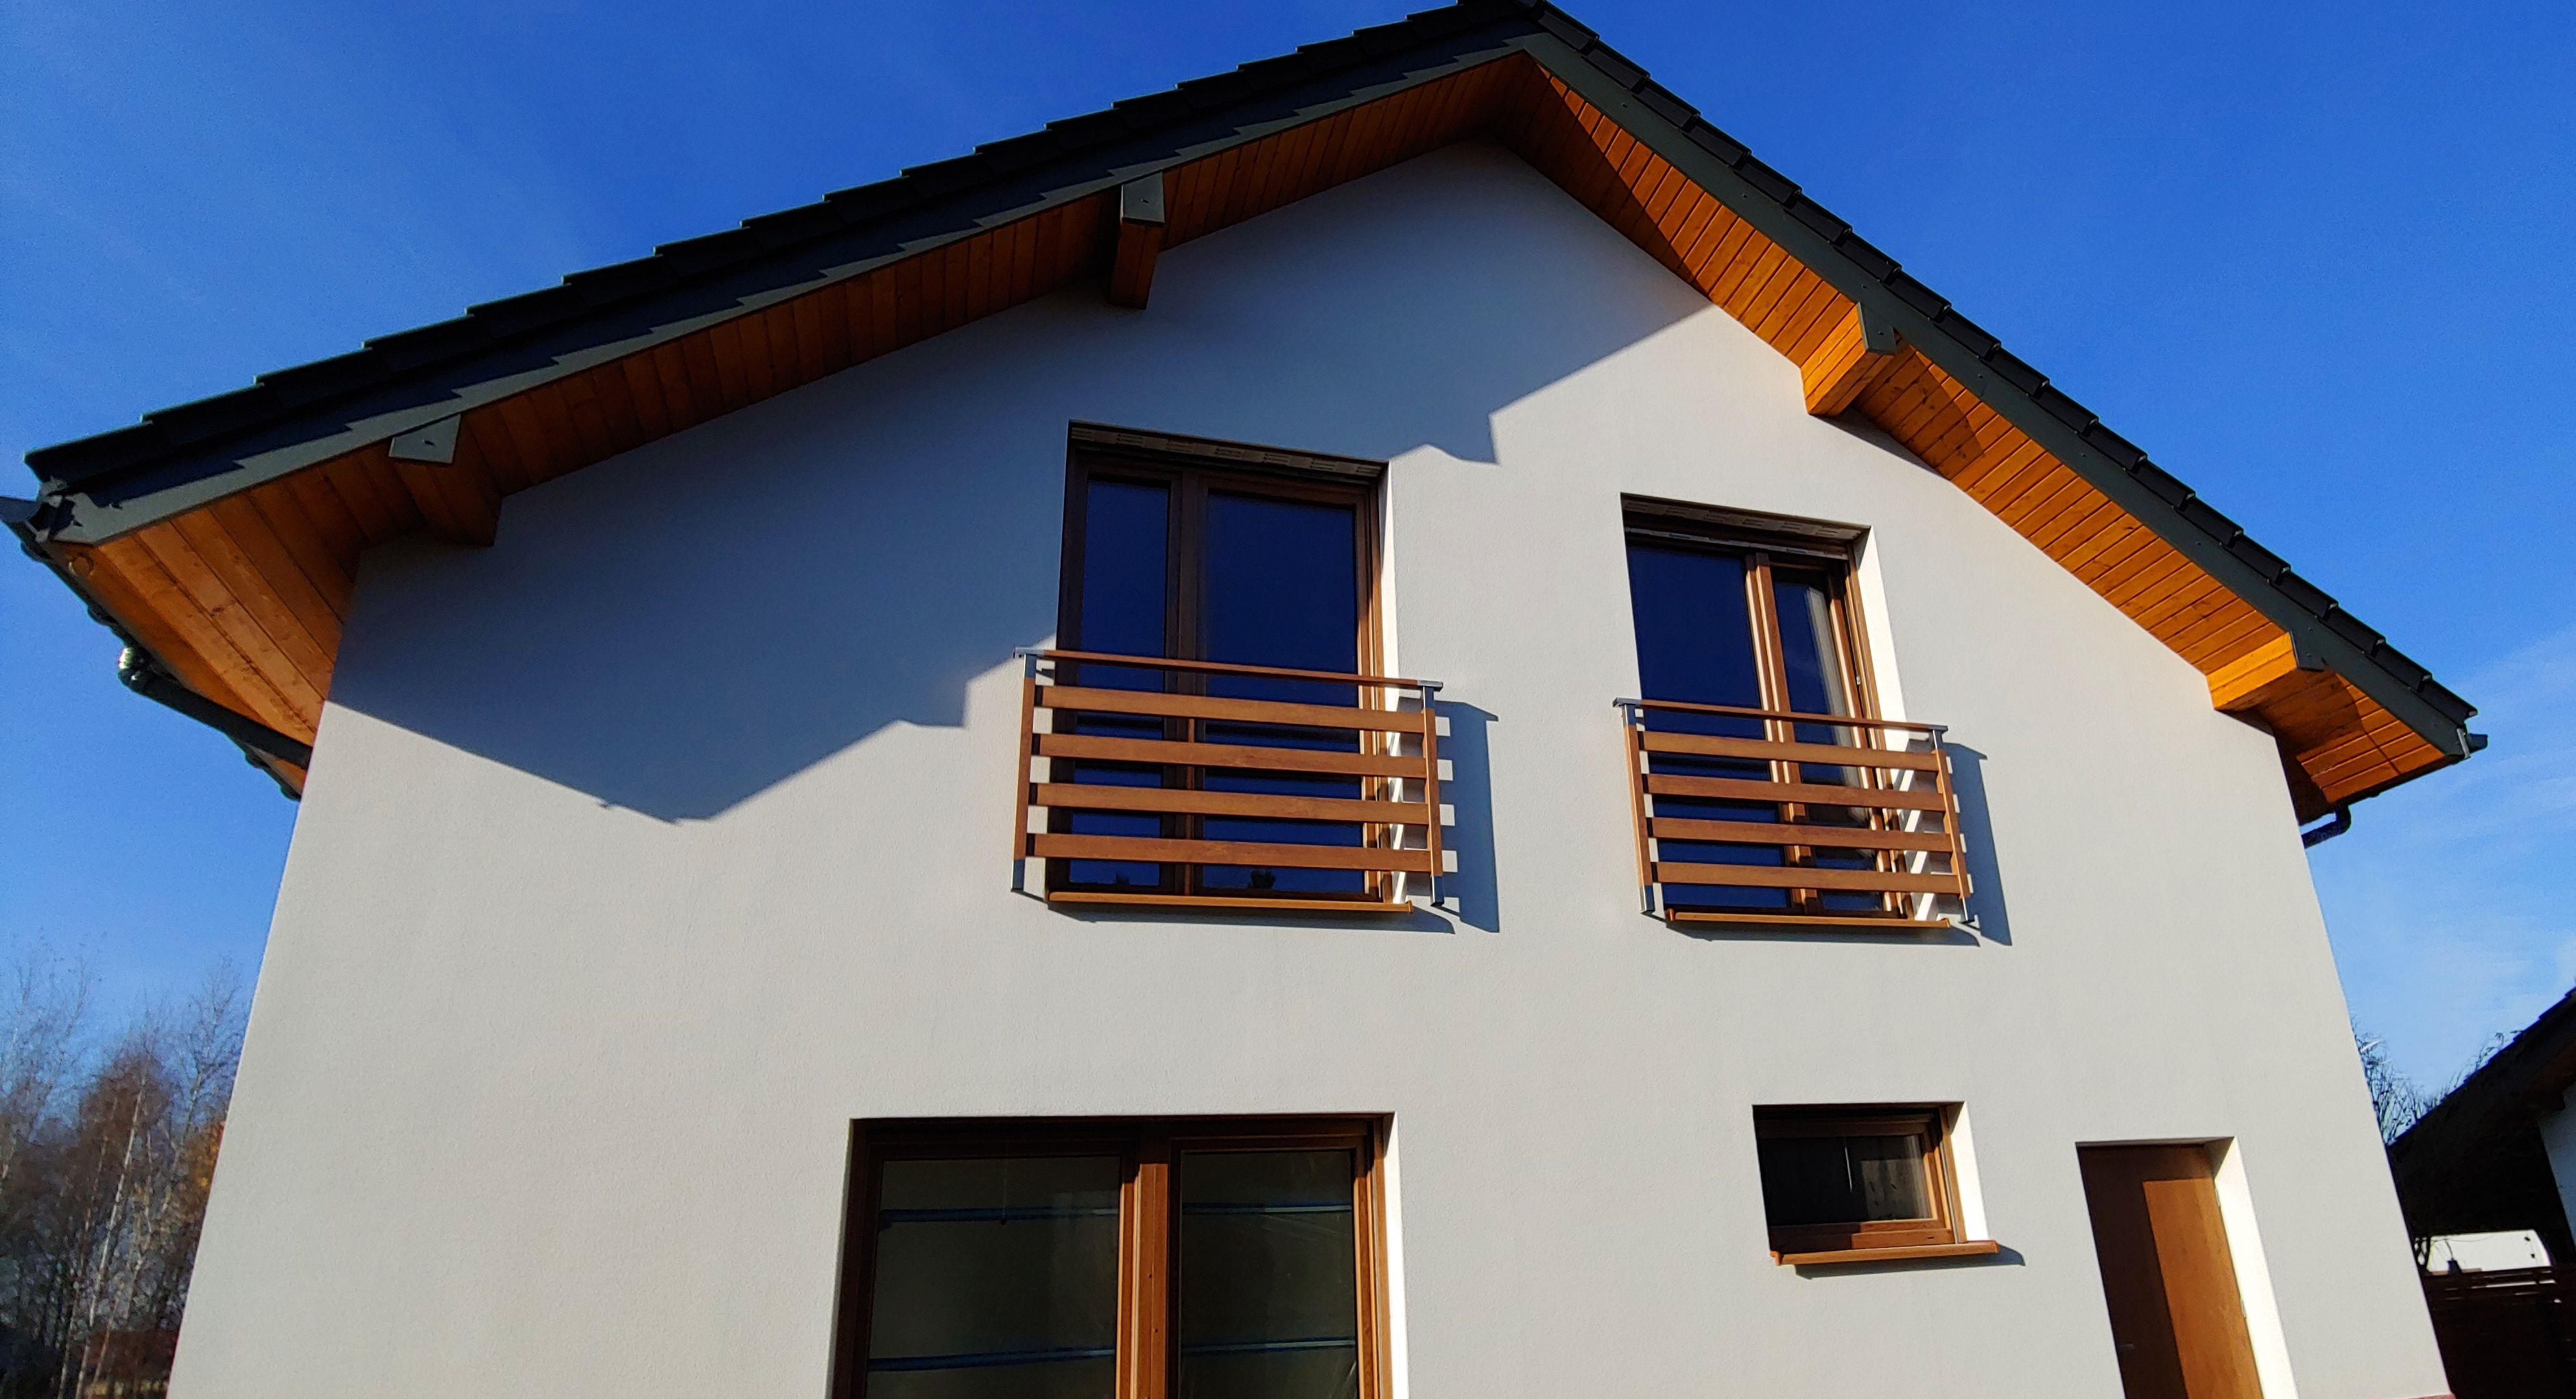 Balkon Francuski Elewacja French Balcony Juliet Balcony